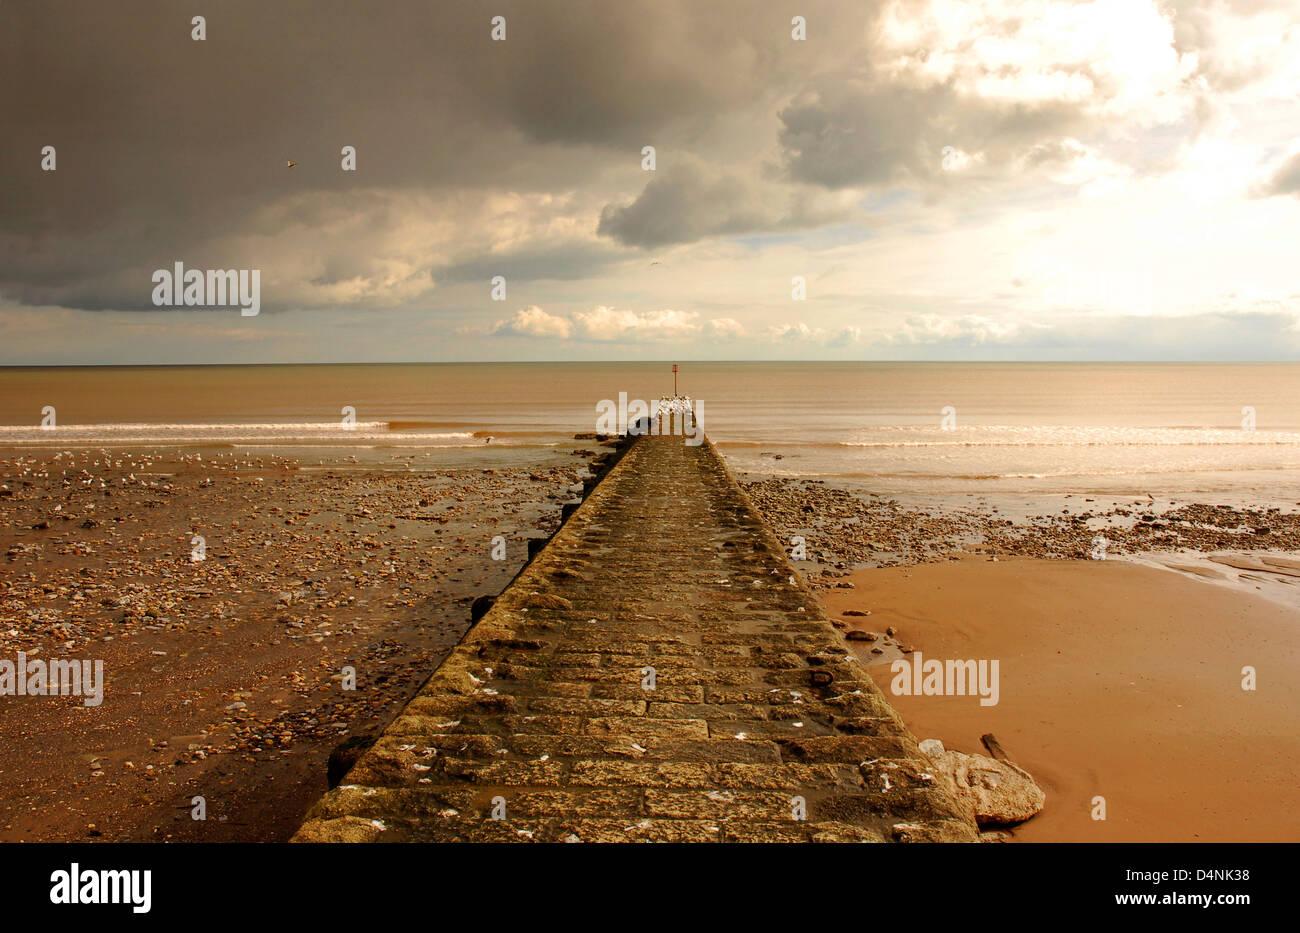 Scène de plage d'hiver - digue menant à des vagues - des lignes - tempête dramatique nuages menace. Photo Stock